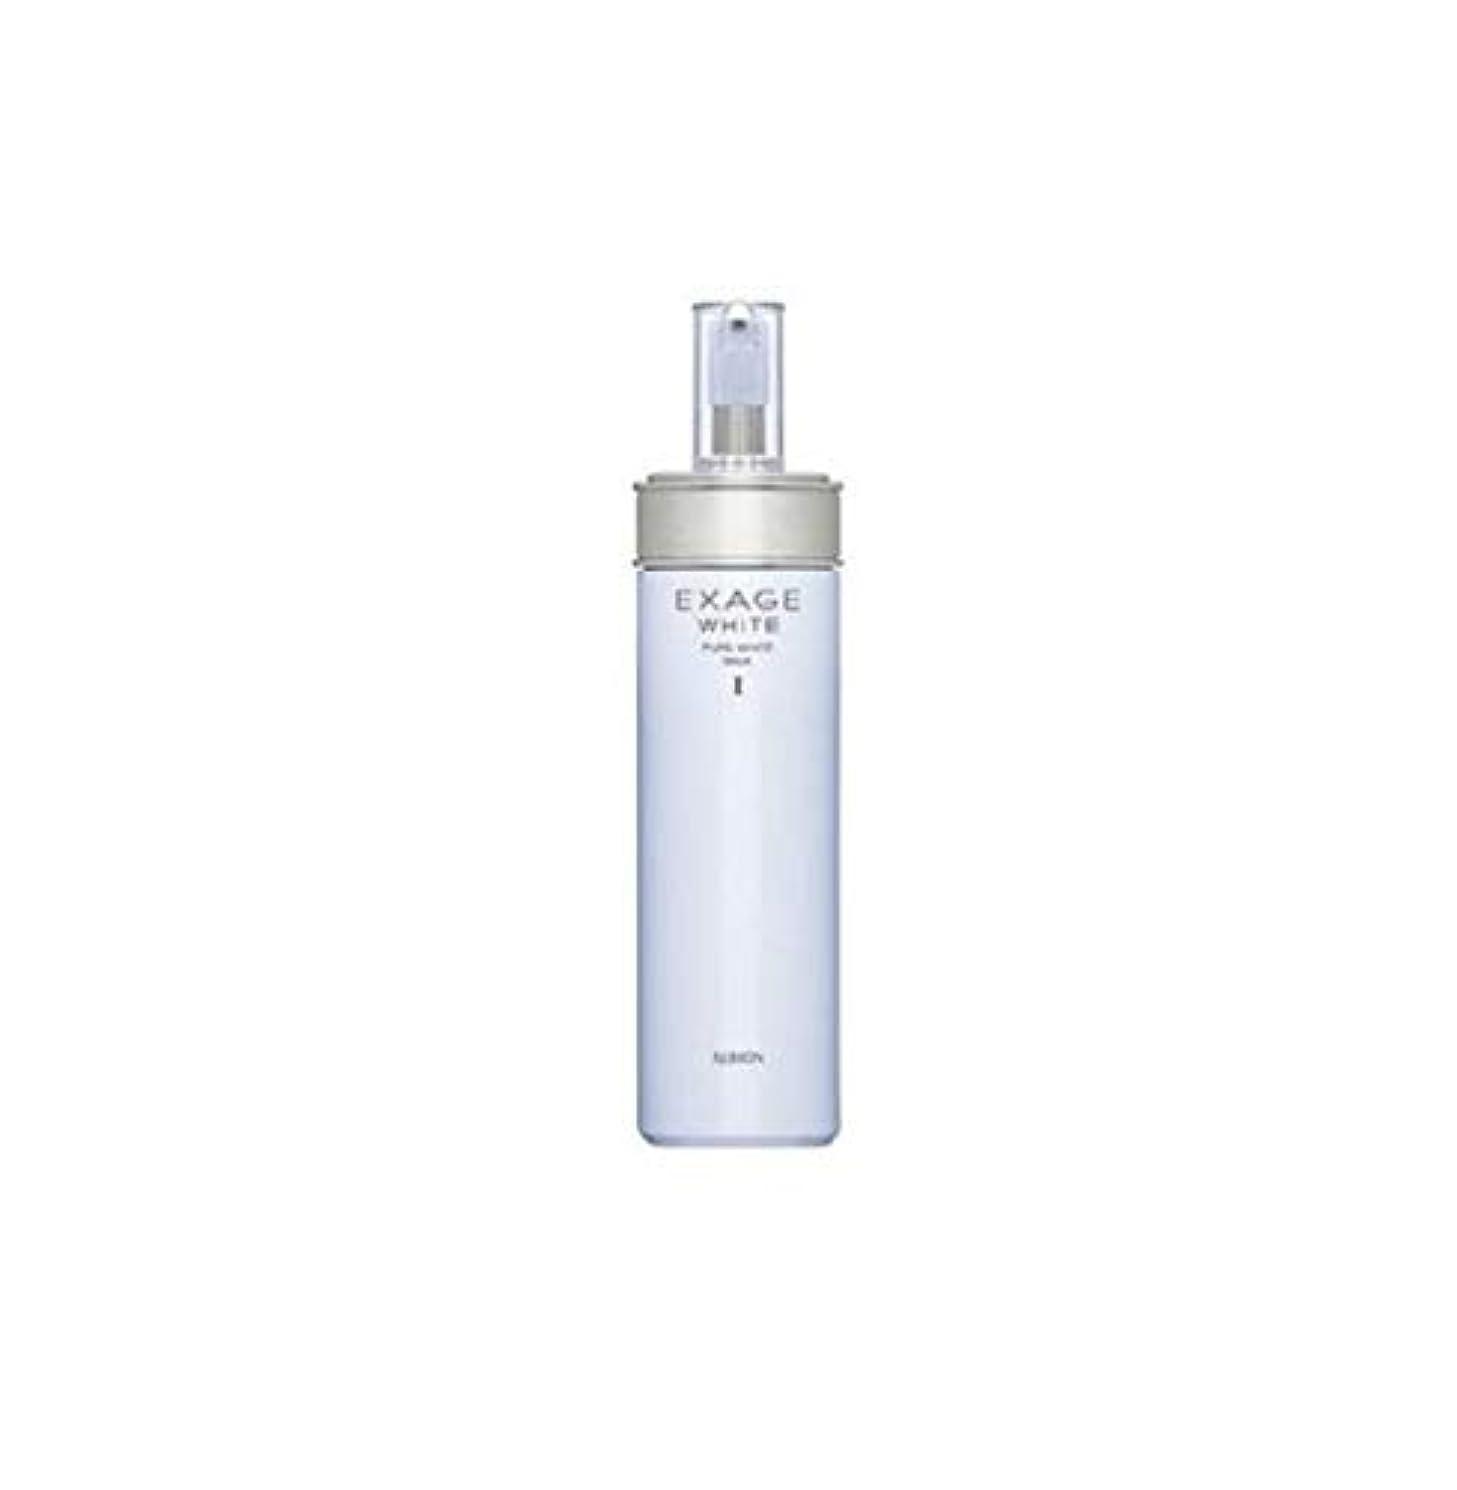 膨らませる軽減する慰めALBION(アルビオン) エクサージュホワイト ピュアホワイト ミルク I 200g [ 乳液 ]